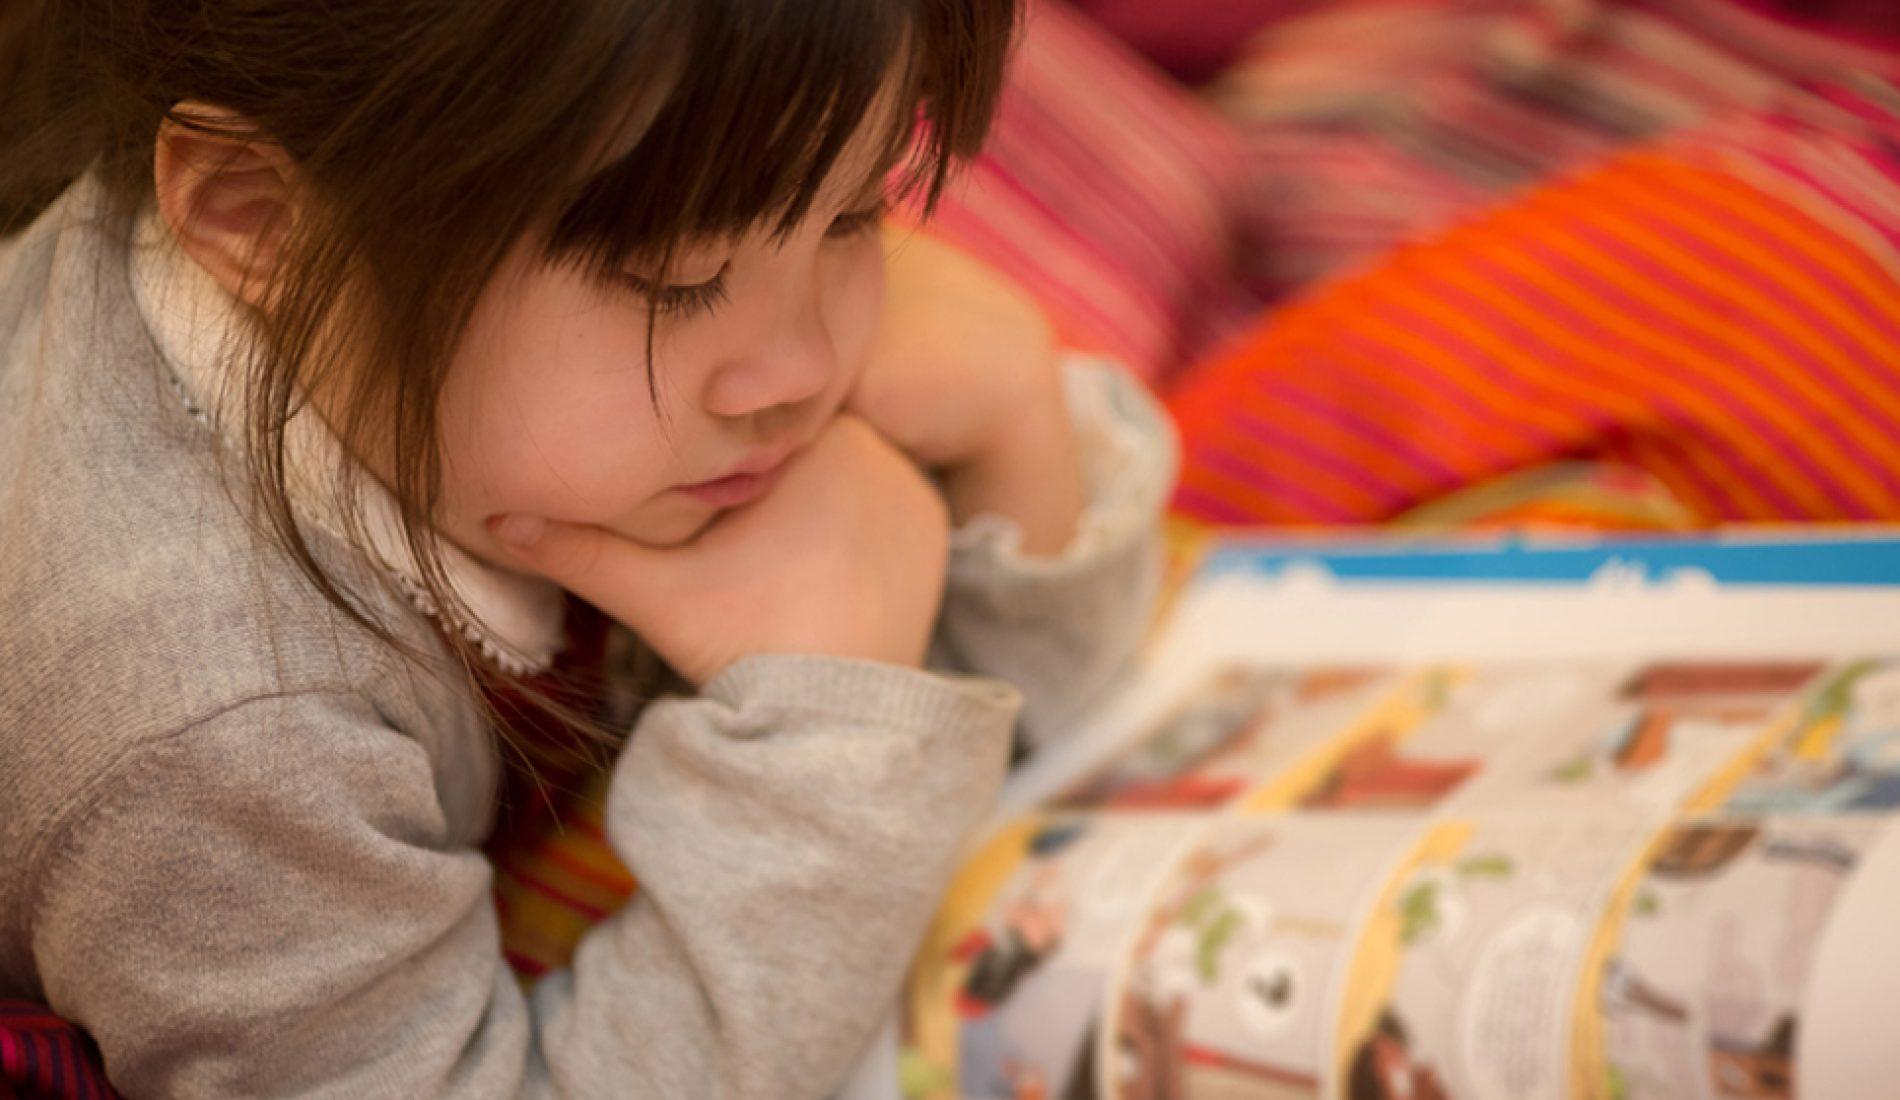 Illustrasjonsfoto, copyright, Benoist/shutterstock.com